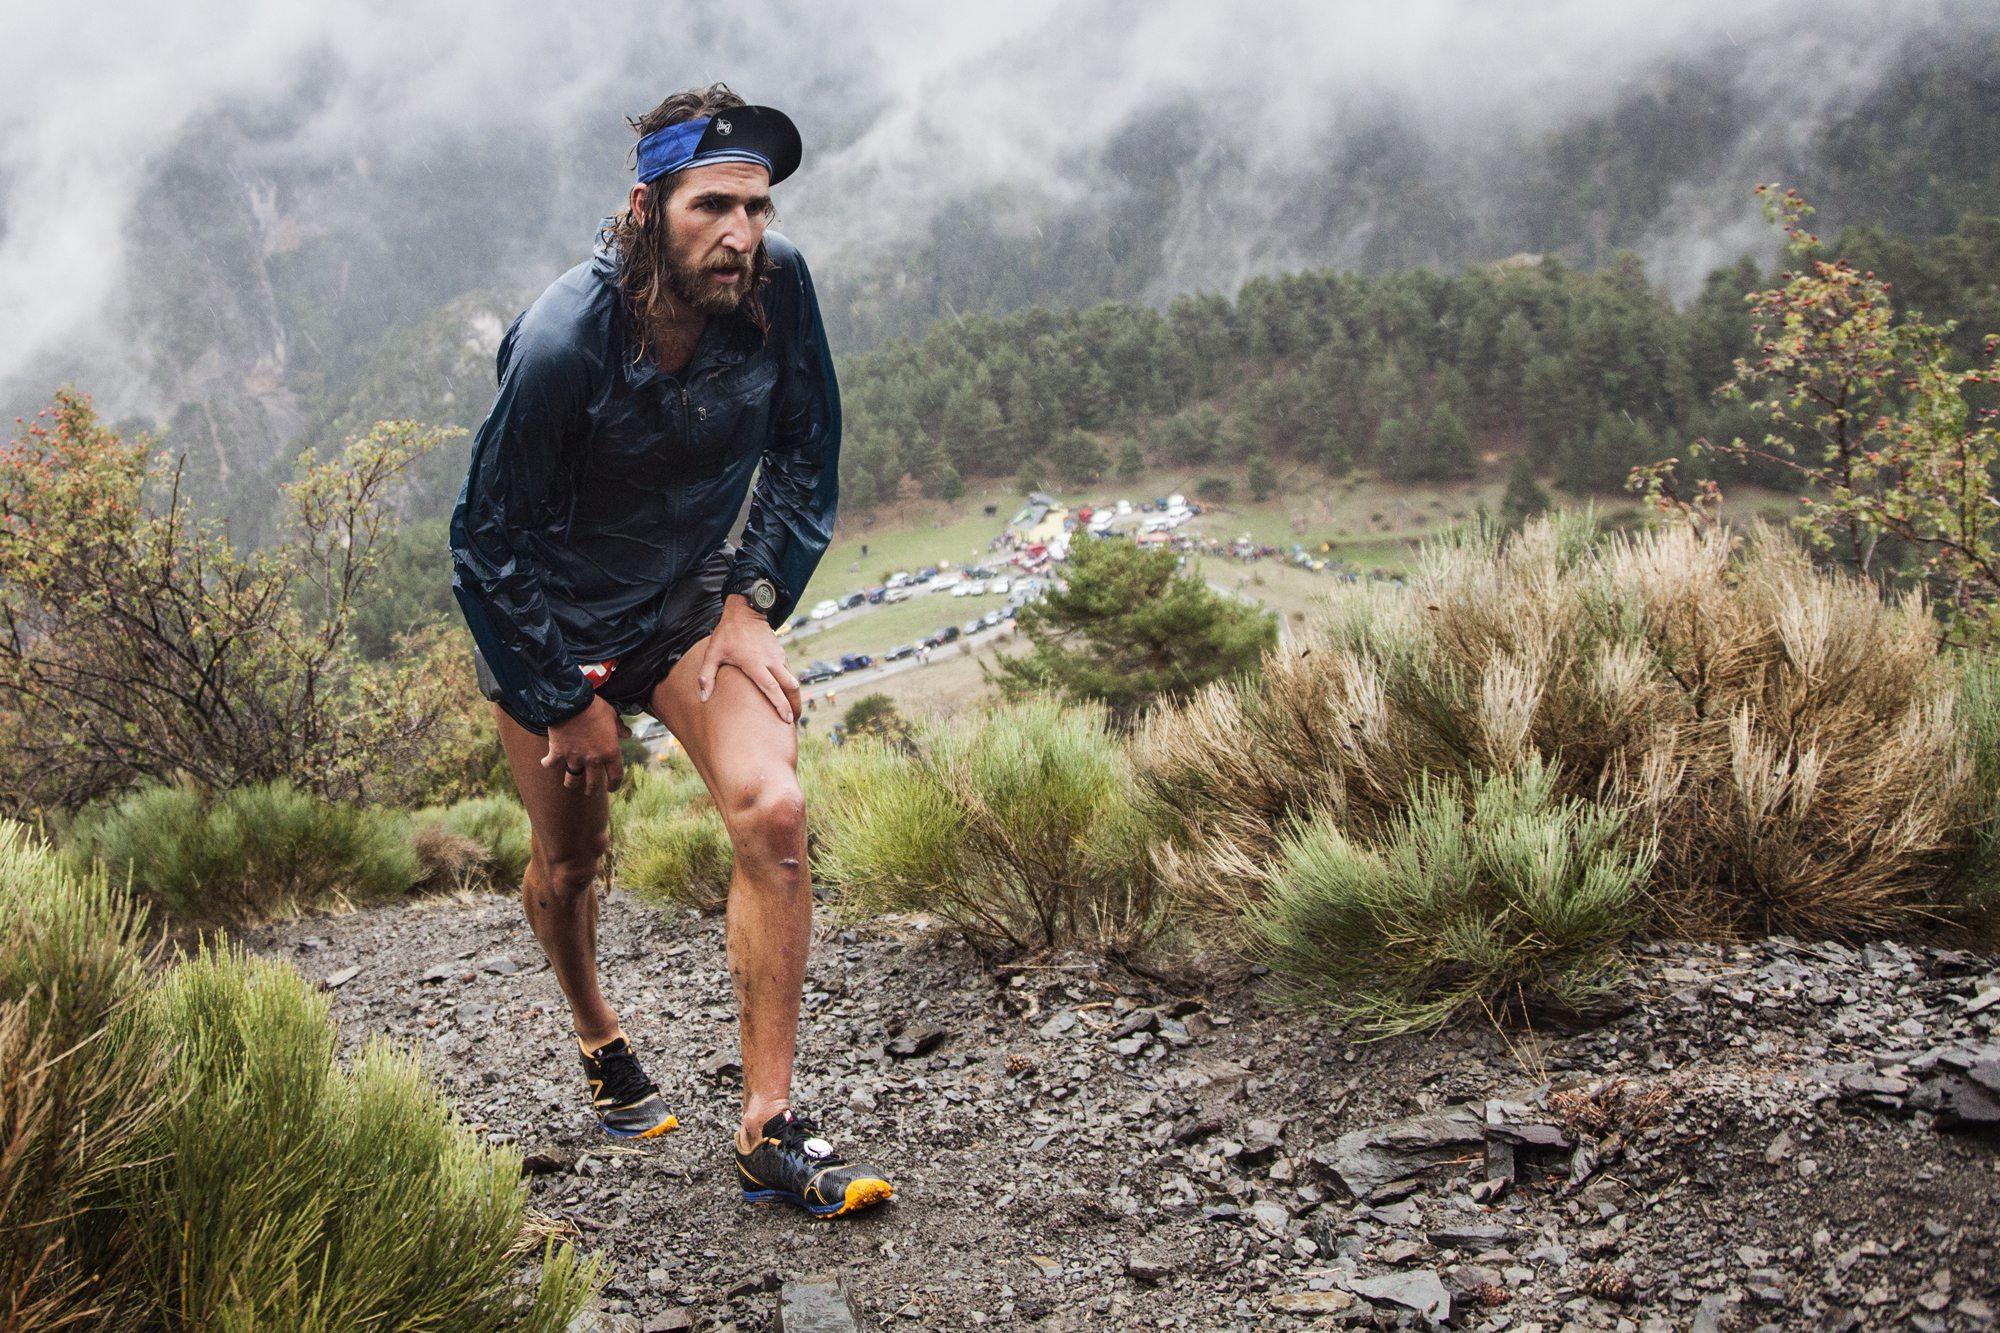 Tehnika brdskog trčanja – Kako trčati uz i niz brdo?